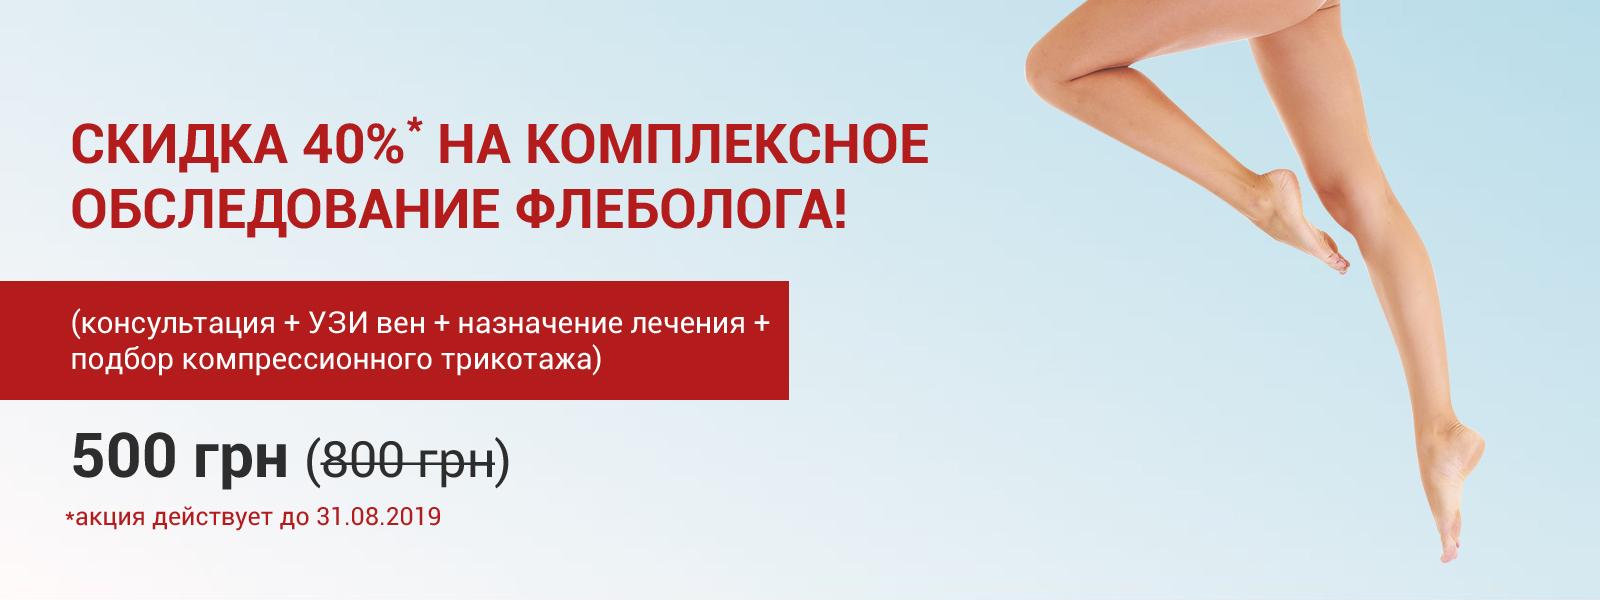 konsultaciya_flebologa_kiev